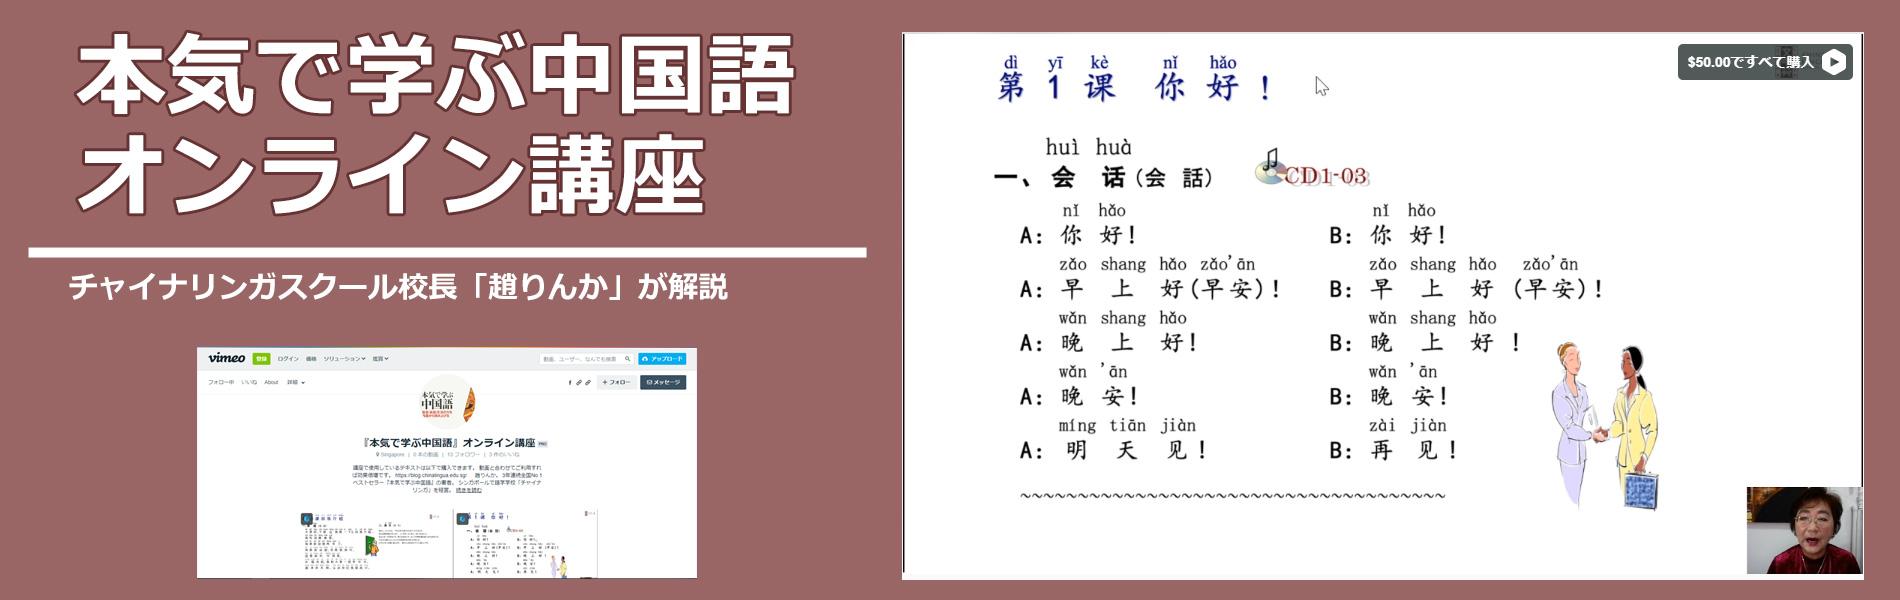 本気で学ぶ中国語オンライン講座